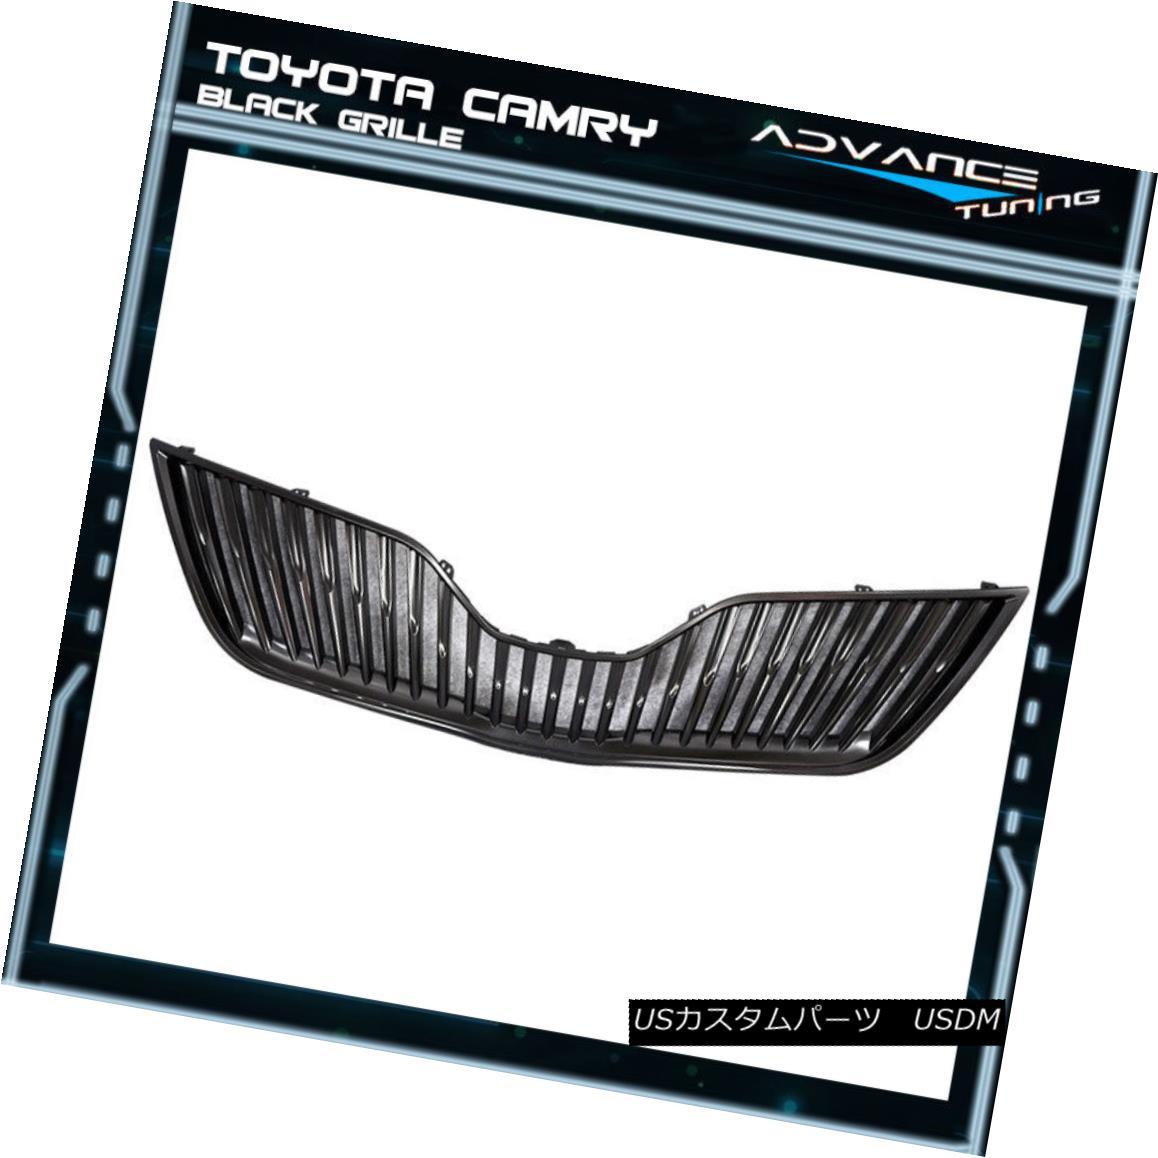 グリル For 10-11 Toyota Camry VERTICAL Front Upper Grill Grille - Black 10-11トヨタカムリ用VERTICALフロントアッパーグリルグリル - ブラック